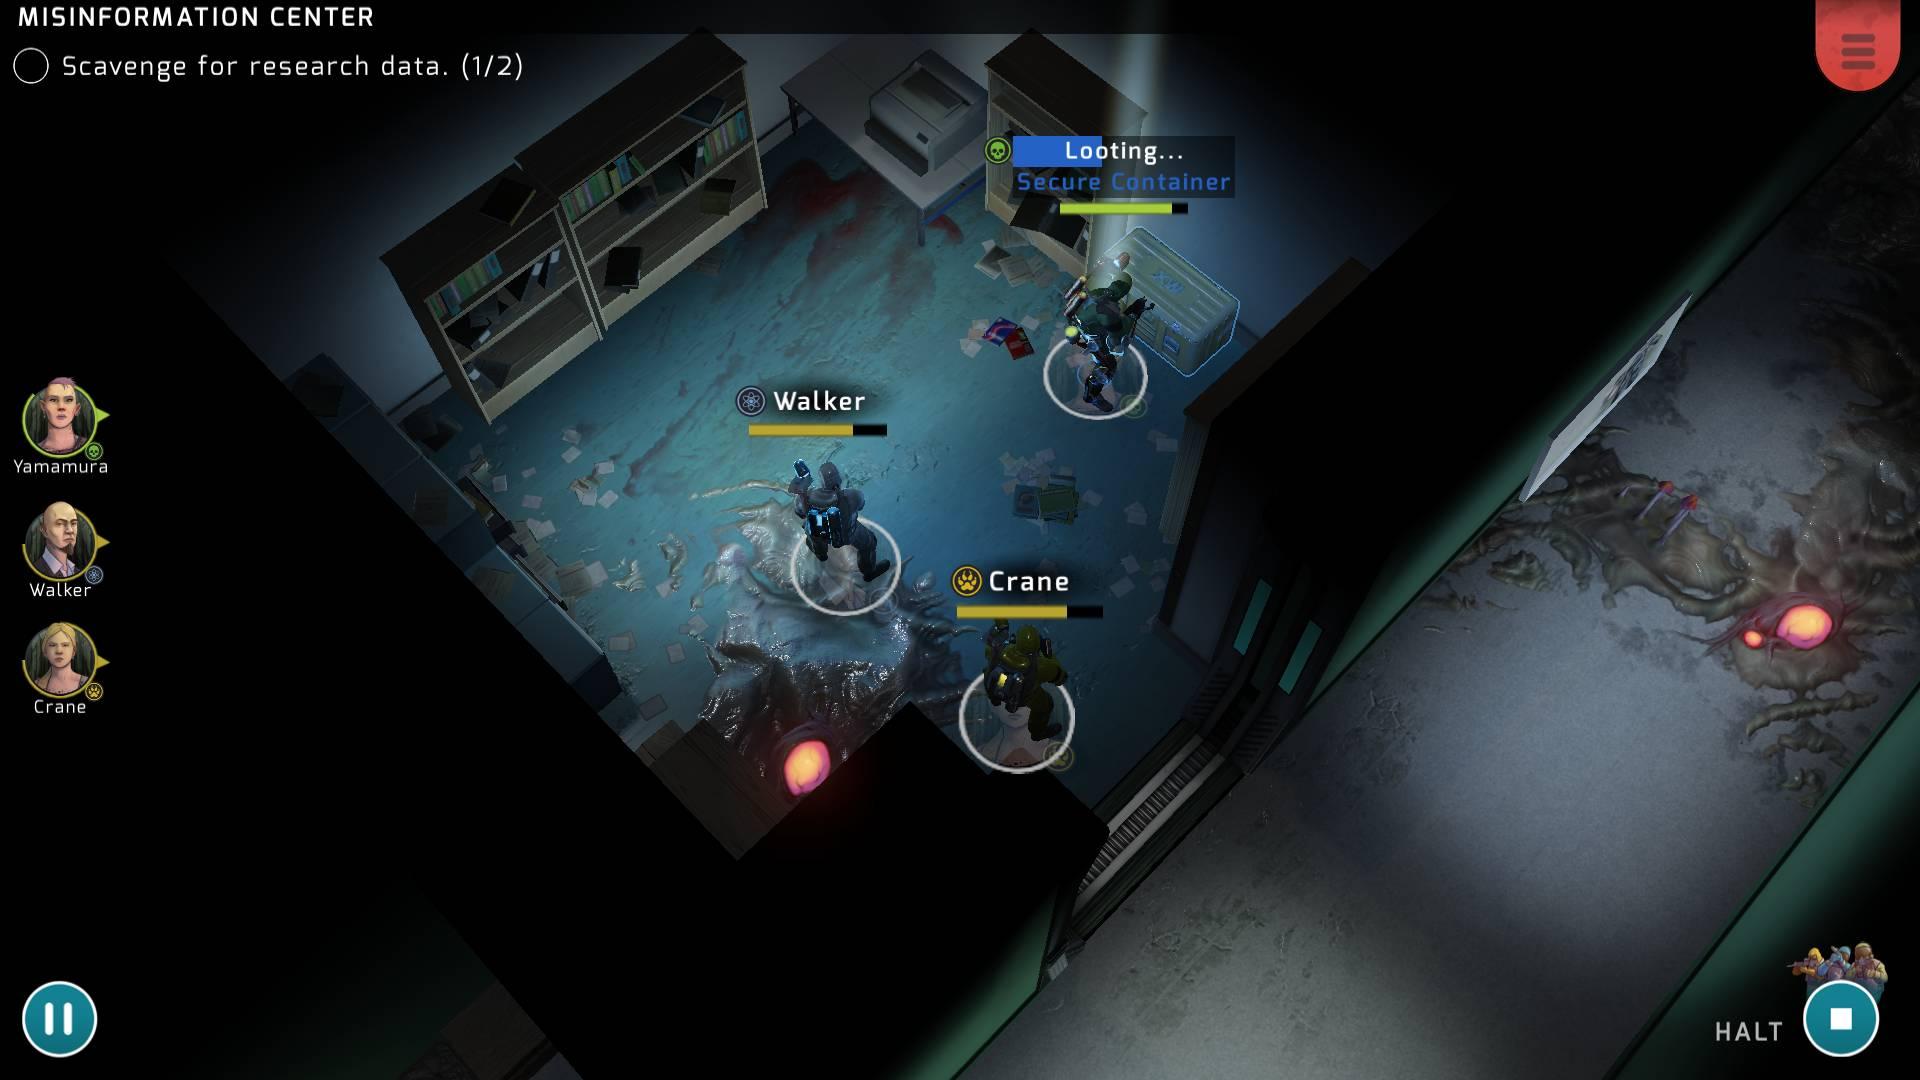 'Pixelbite Pengembang Space Marshals Anno Mengumumkan Seperti RTS' Xenowerk Tactics ', Meluncurkan Tahun Ini 3